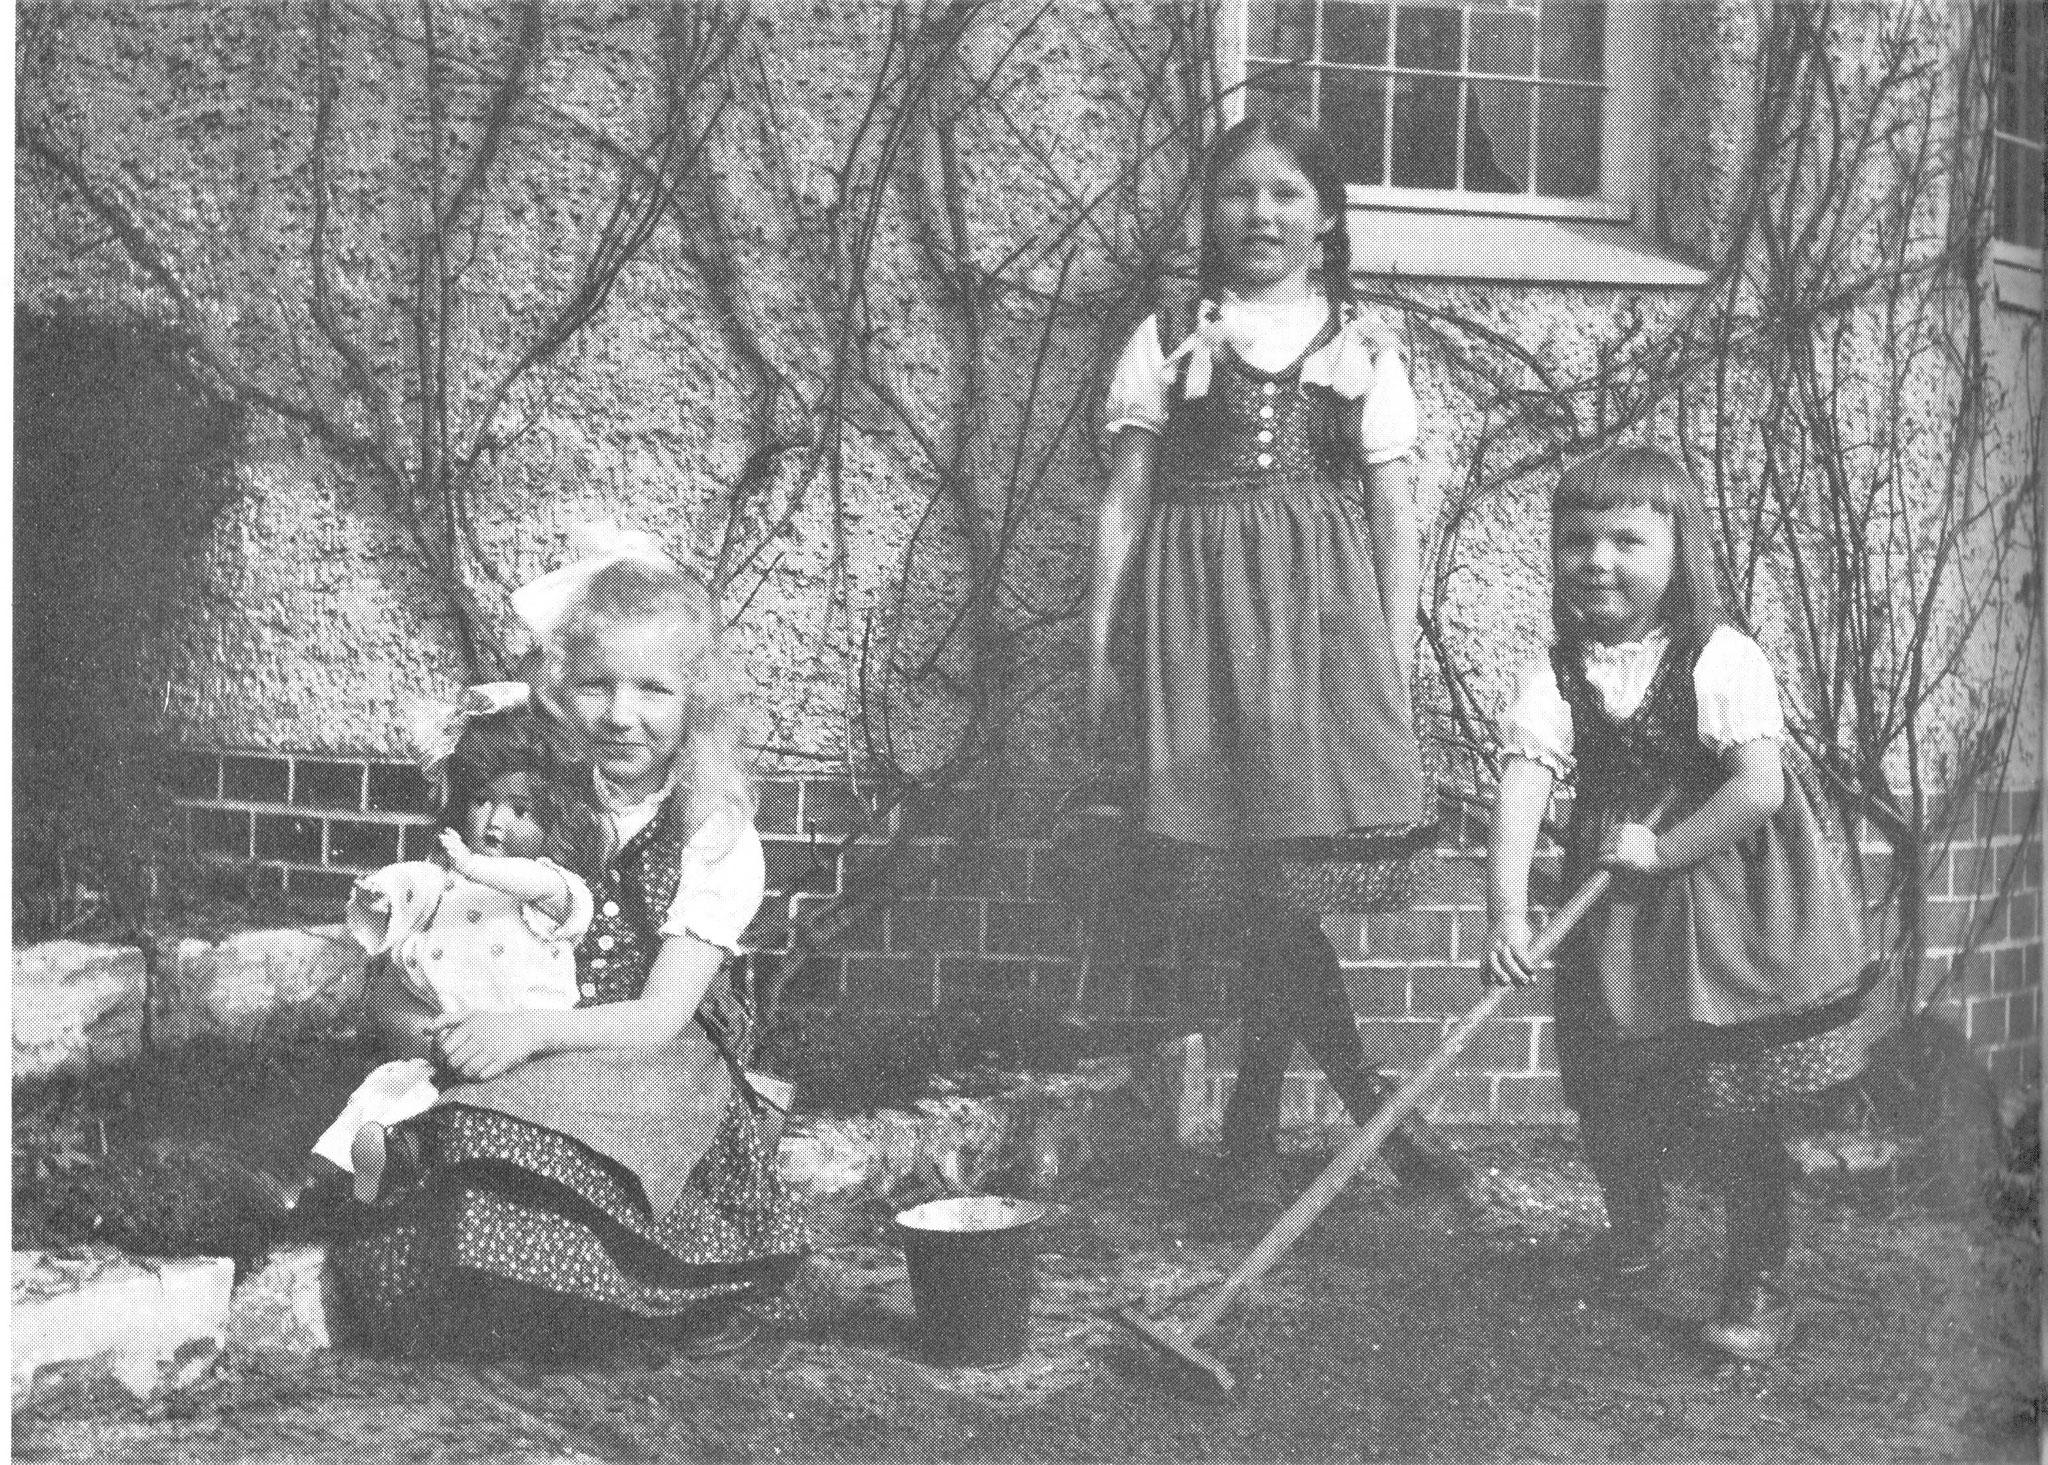 2. Marianne, Brigitte und Renate, Sophie Charlottestr. 15